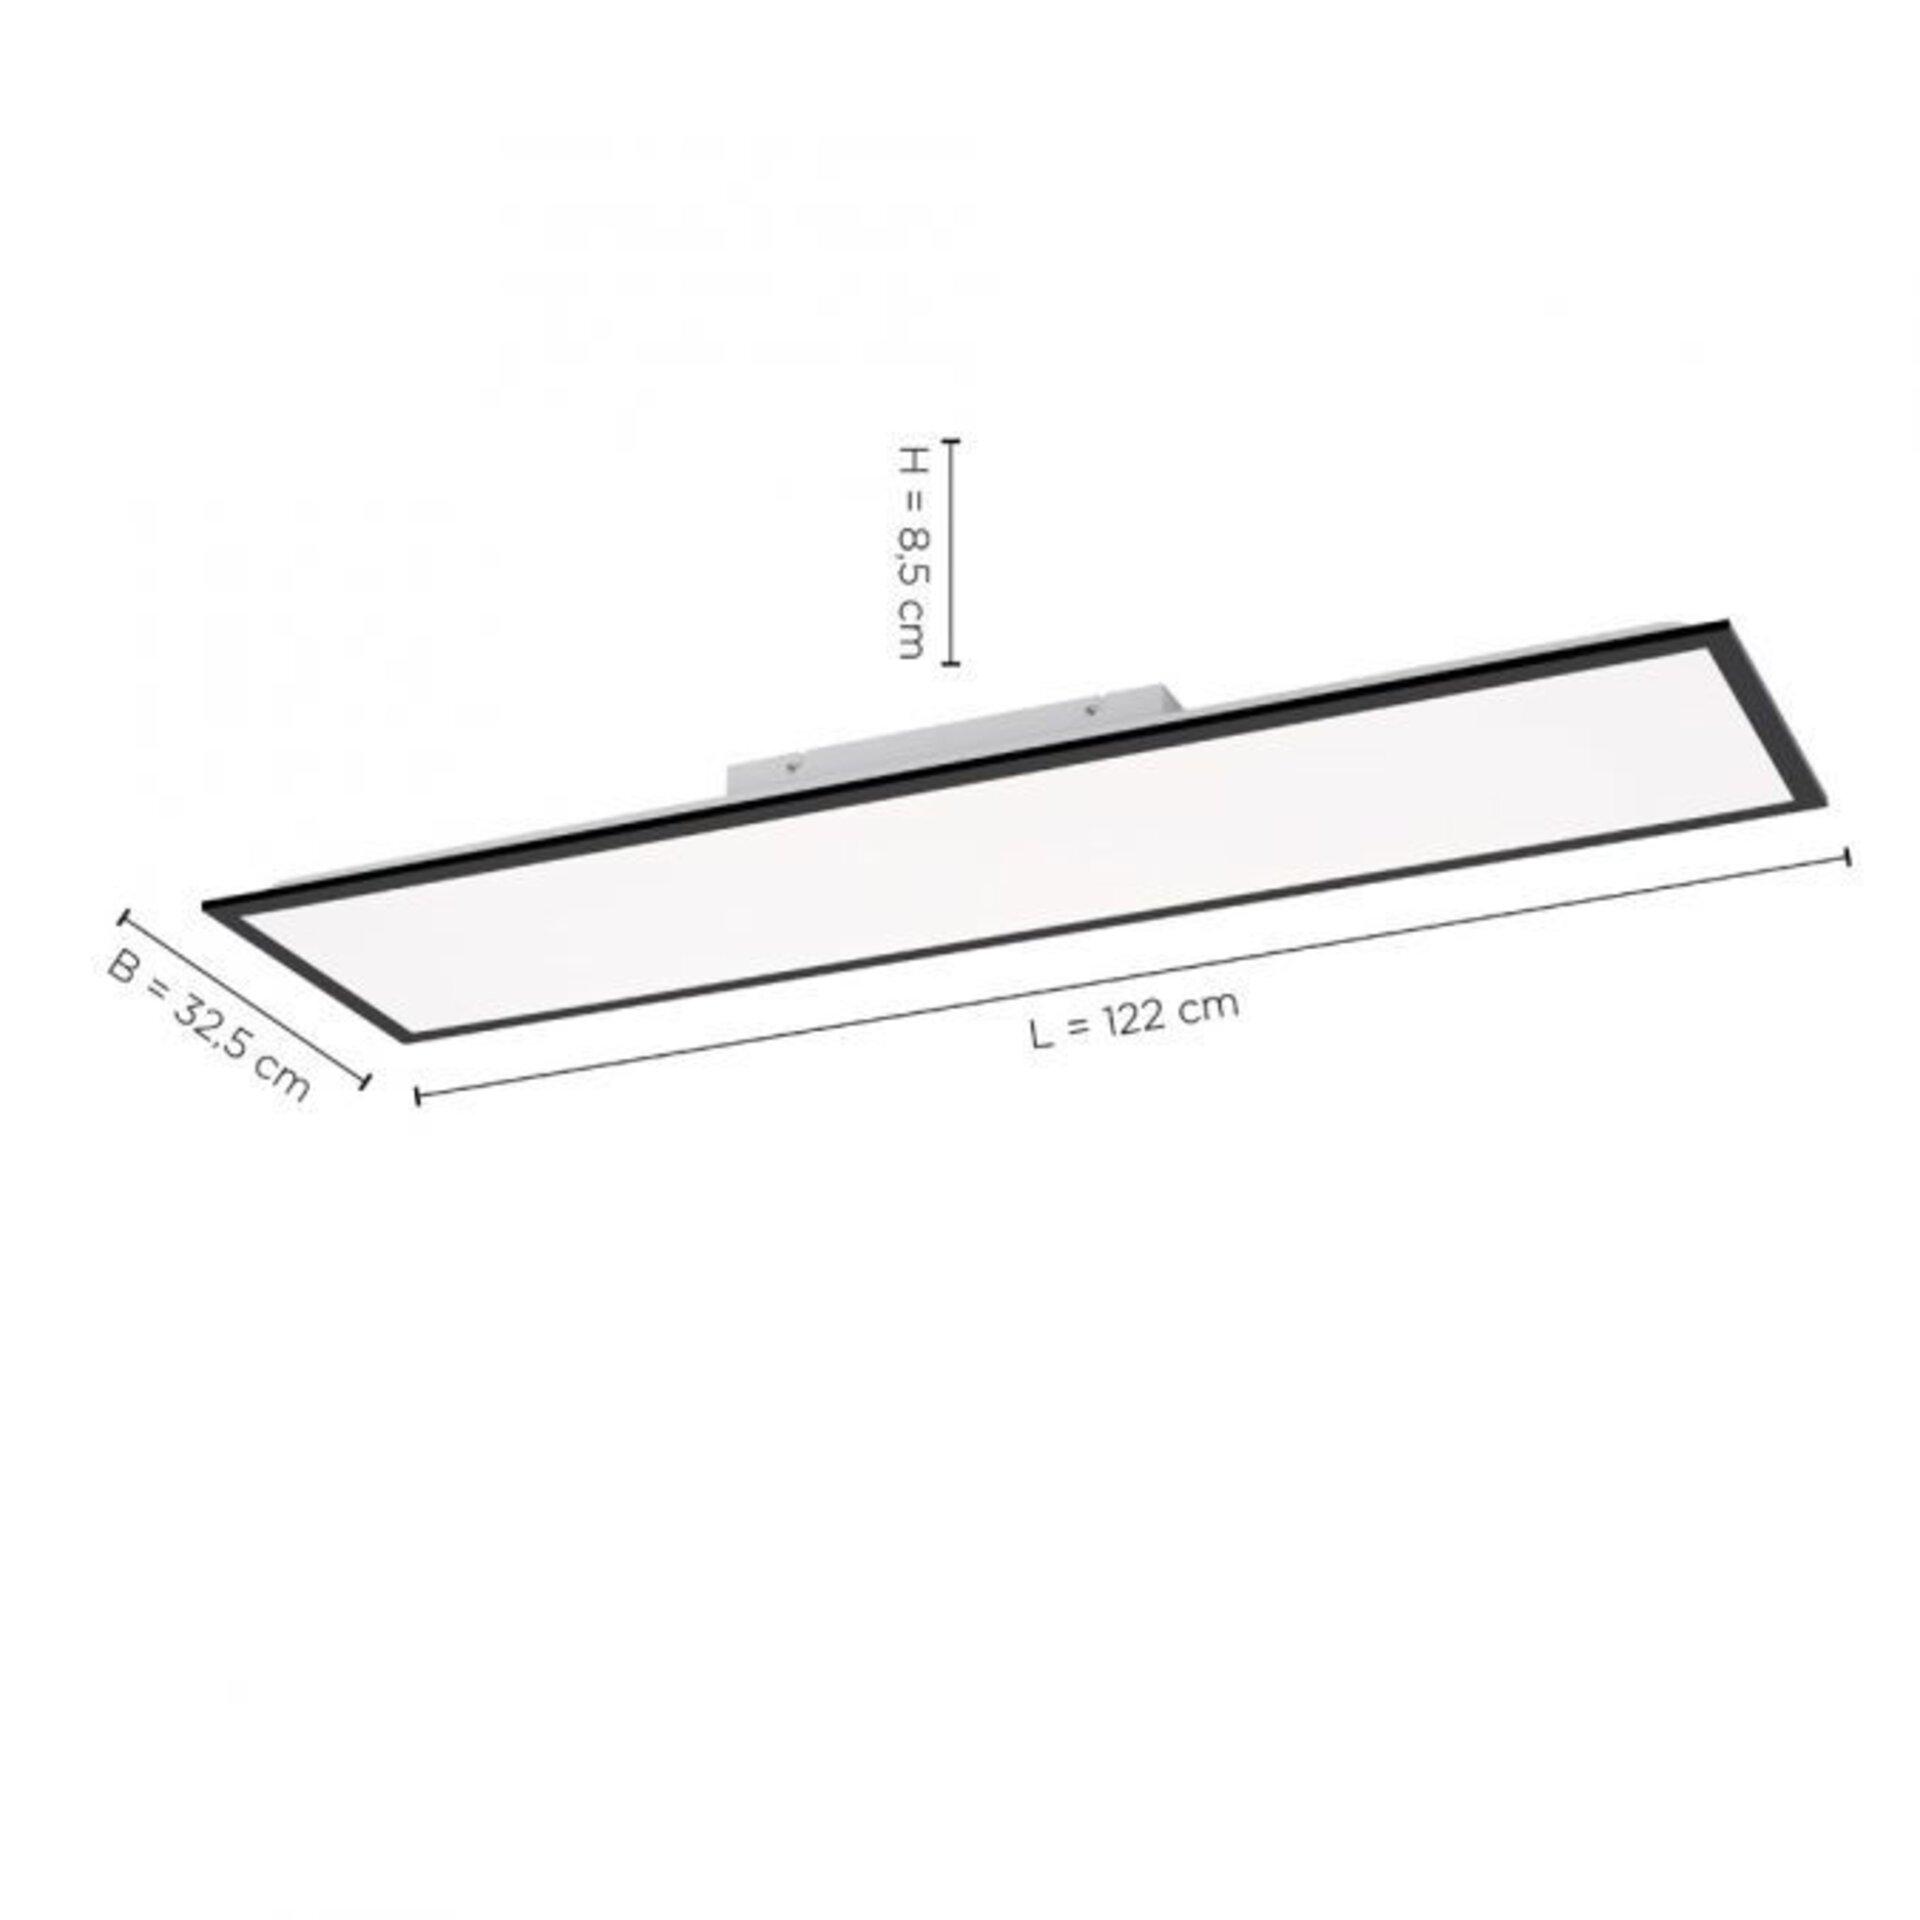 Deckenleuchte FLAT Leuchtendirekt Metall 30 x 7 x 119 cm